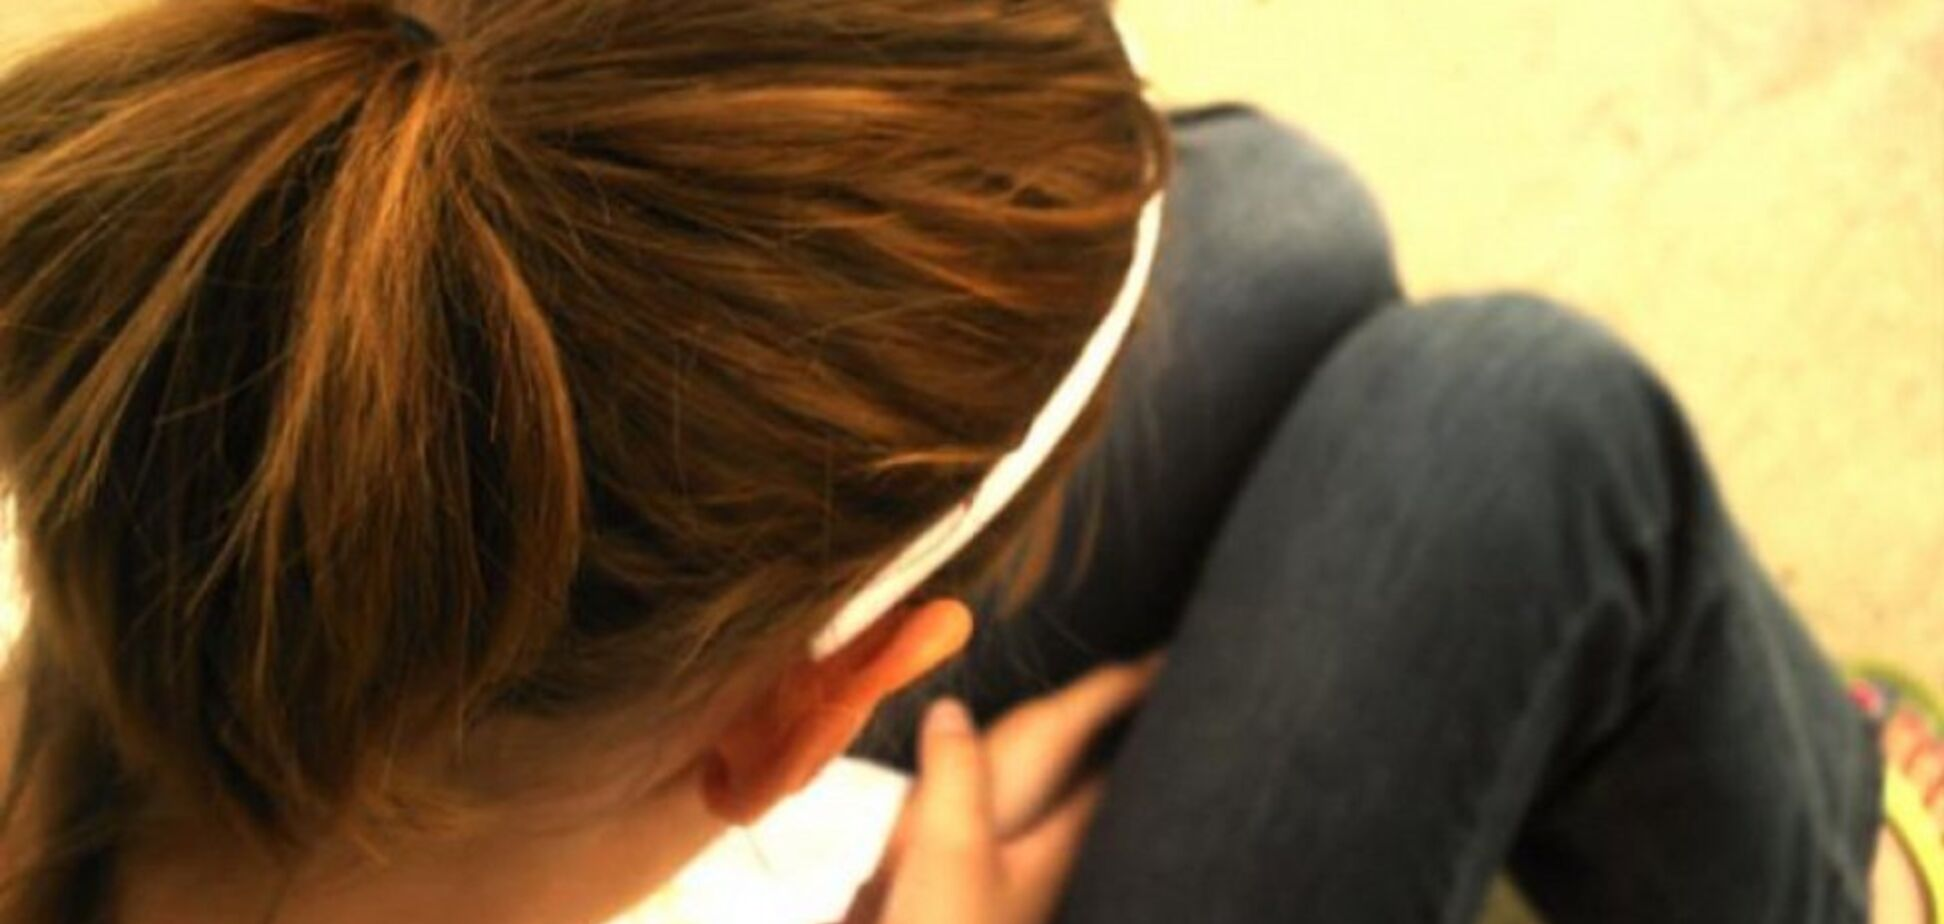 У РФ вчитель фізкультури півроку ґвалтував 13-річну школярку в спортзалі